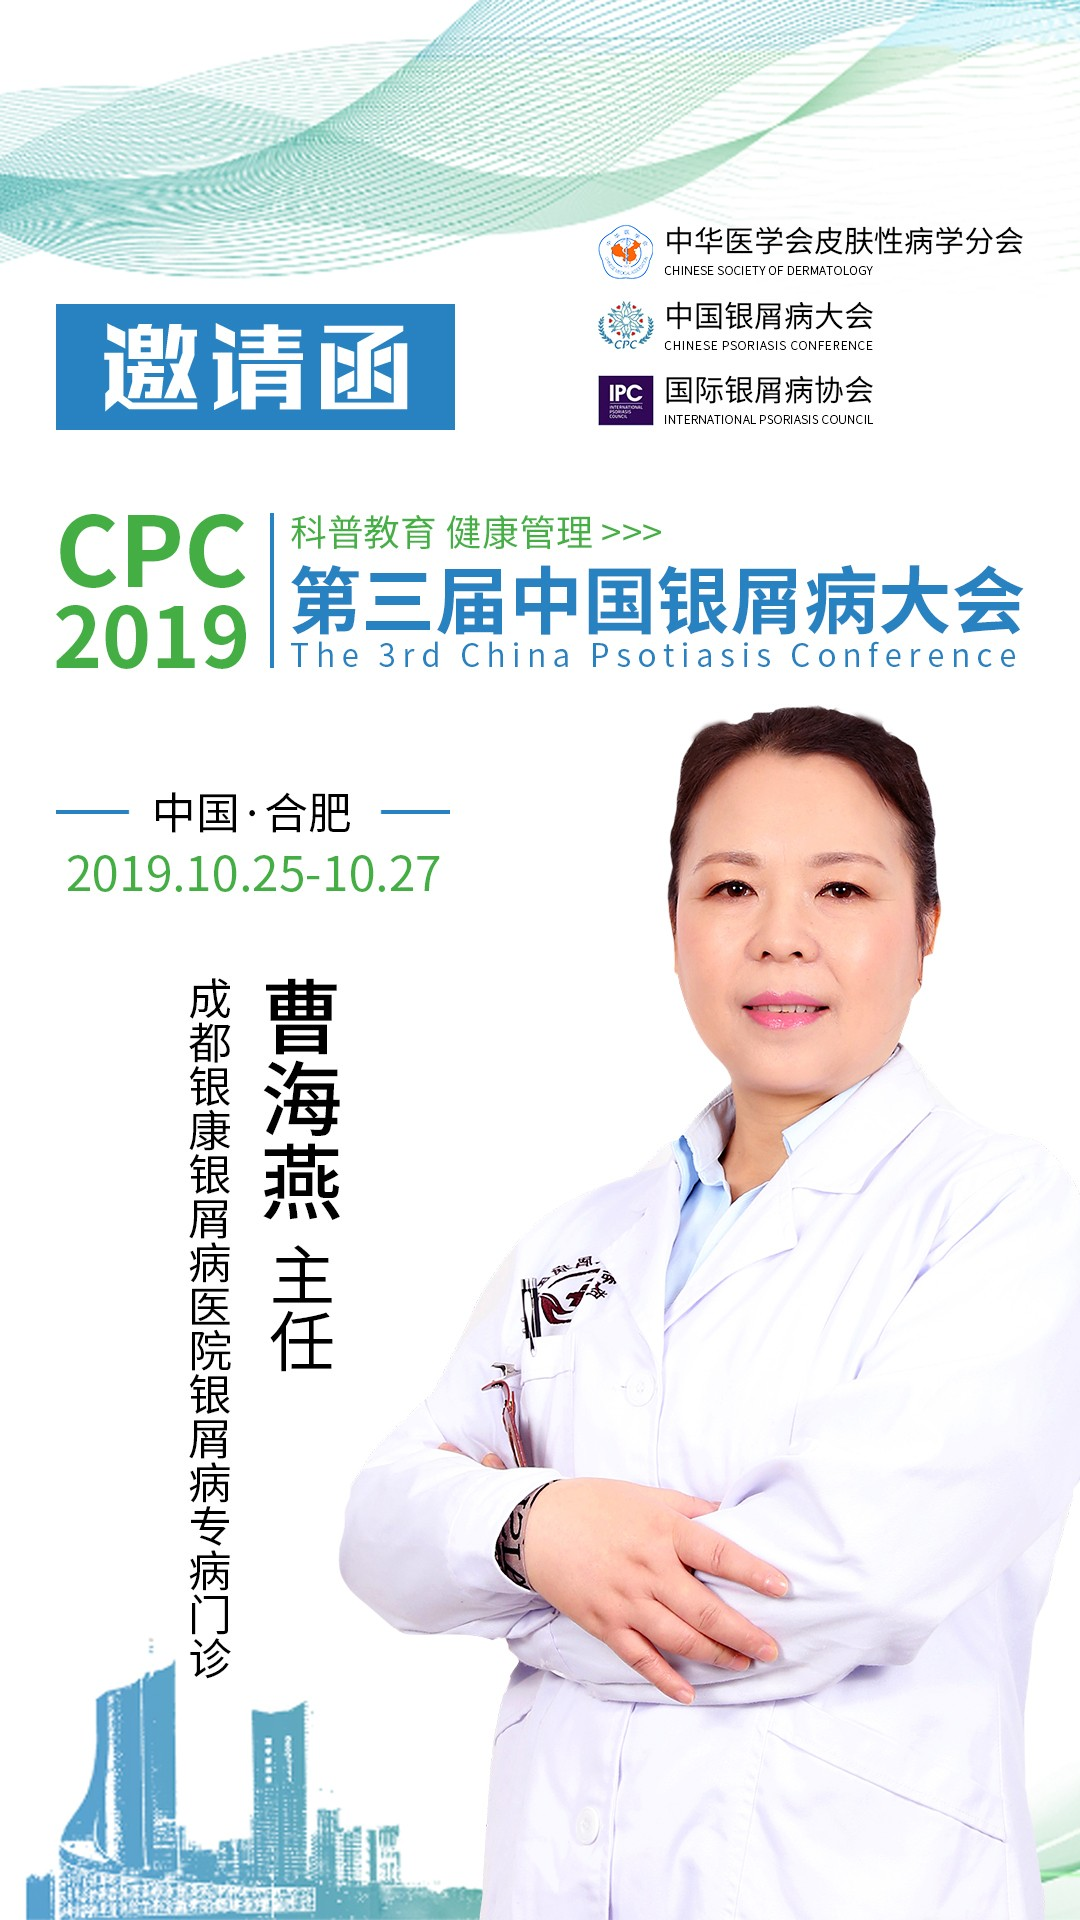 第三届中国银屑病大会将于今日在安徽合肥隆重召开